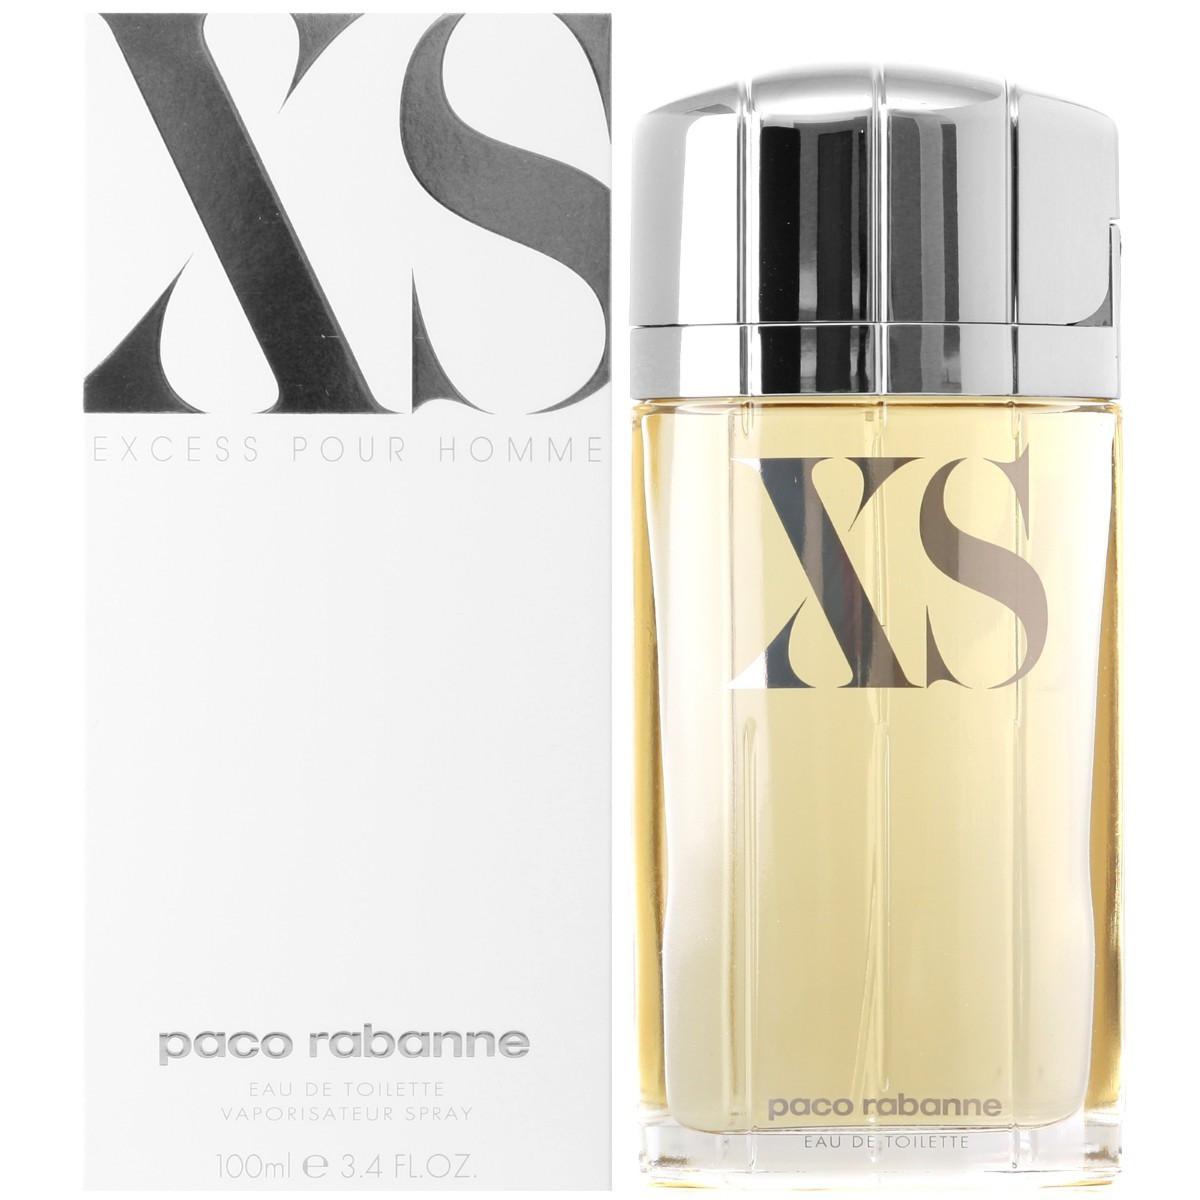 Paco Rabanne Xs pour Homme аромат для мужчин